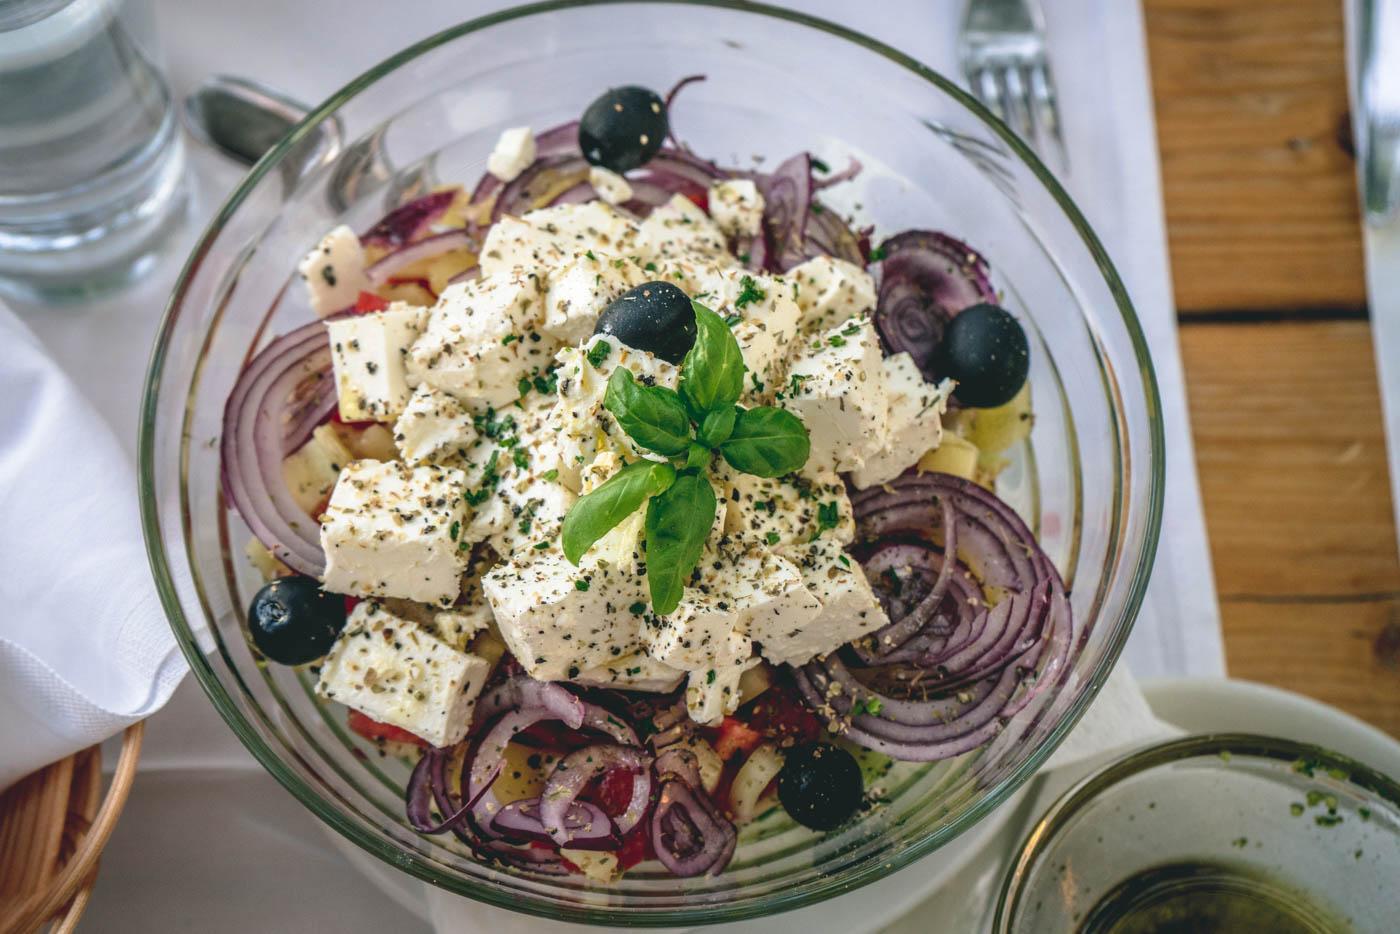 croatia-food-3345